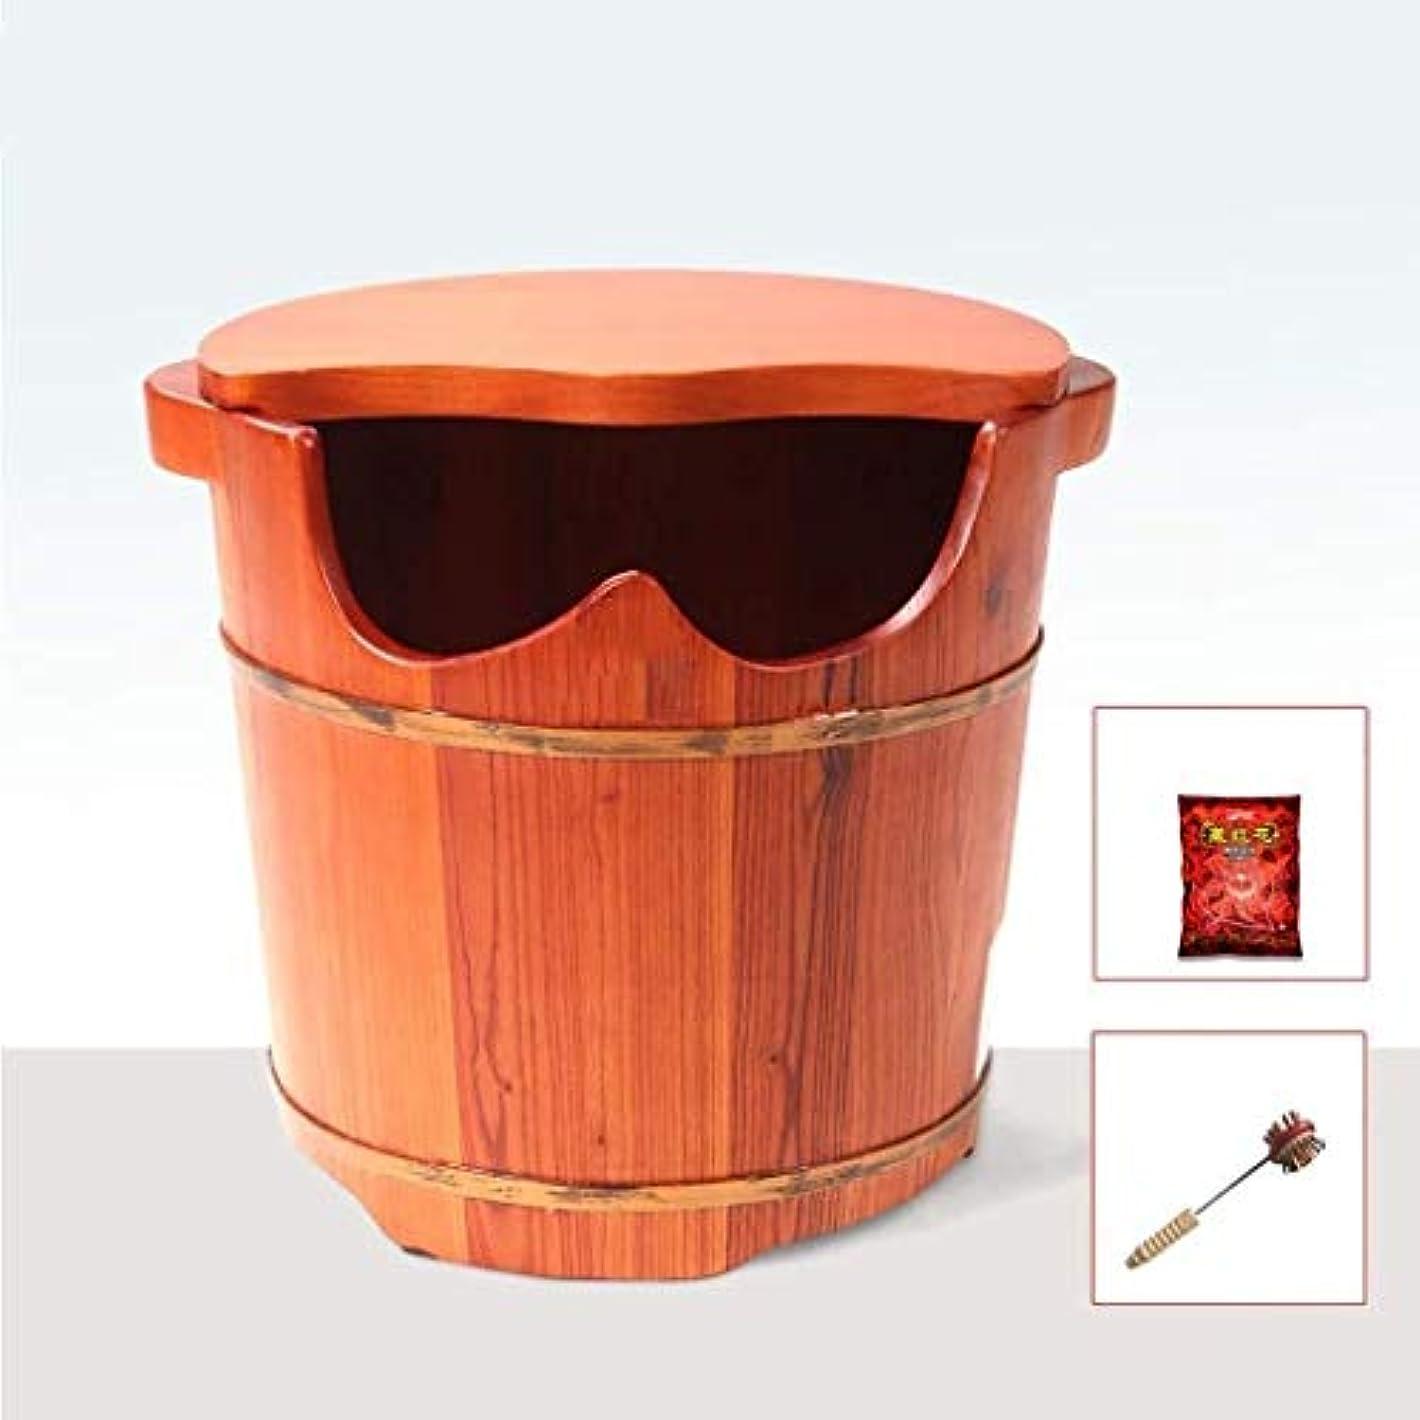 ラウンド足浴槽、木製の足タブ、ノンスリップは、簡単にきれいな、解毒を蓋で、??血液循環/睡眠を促進します